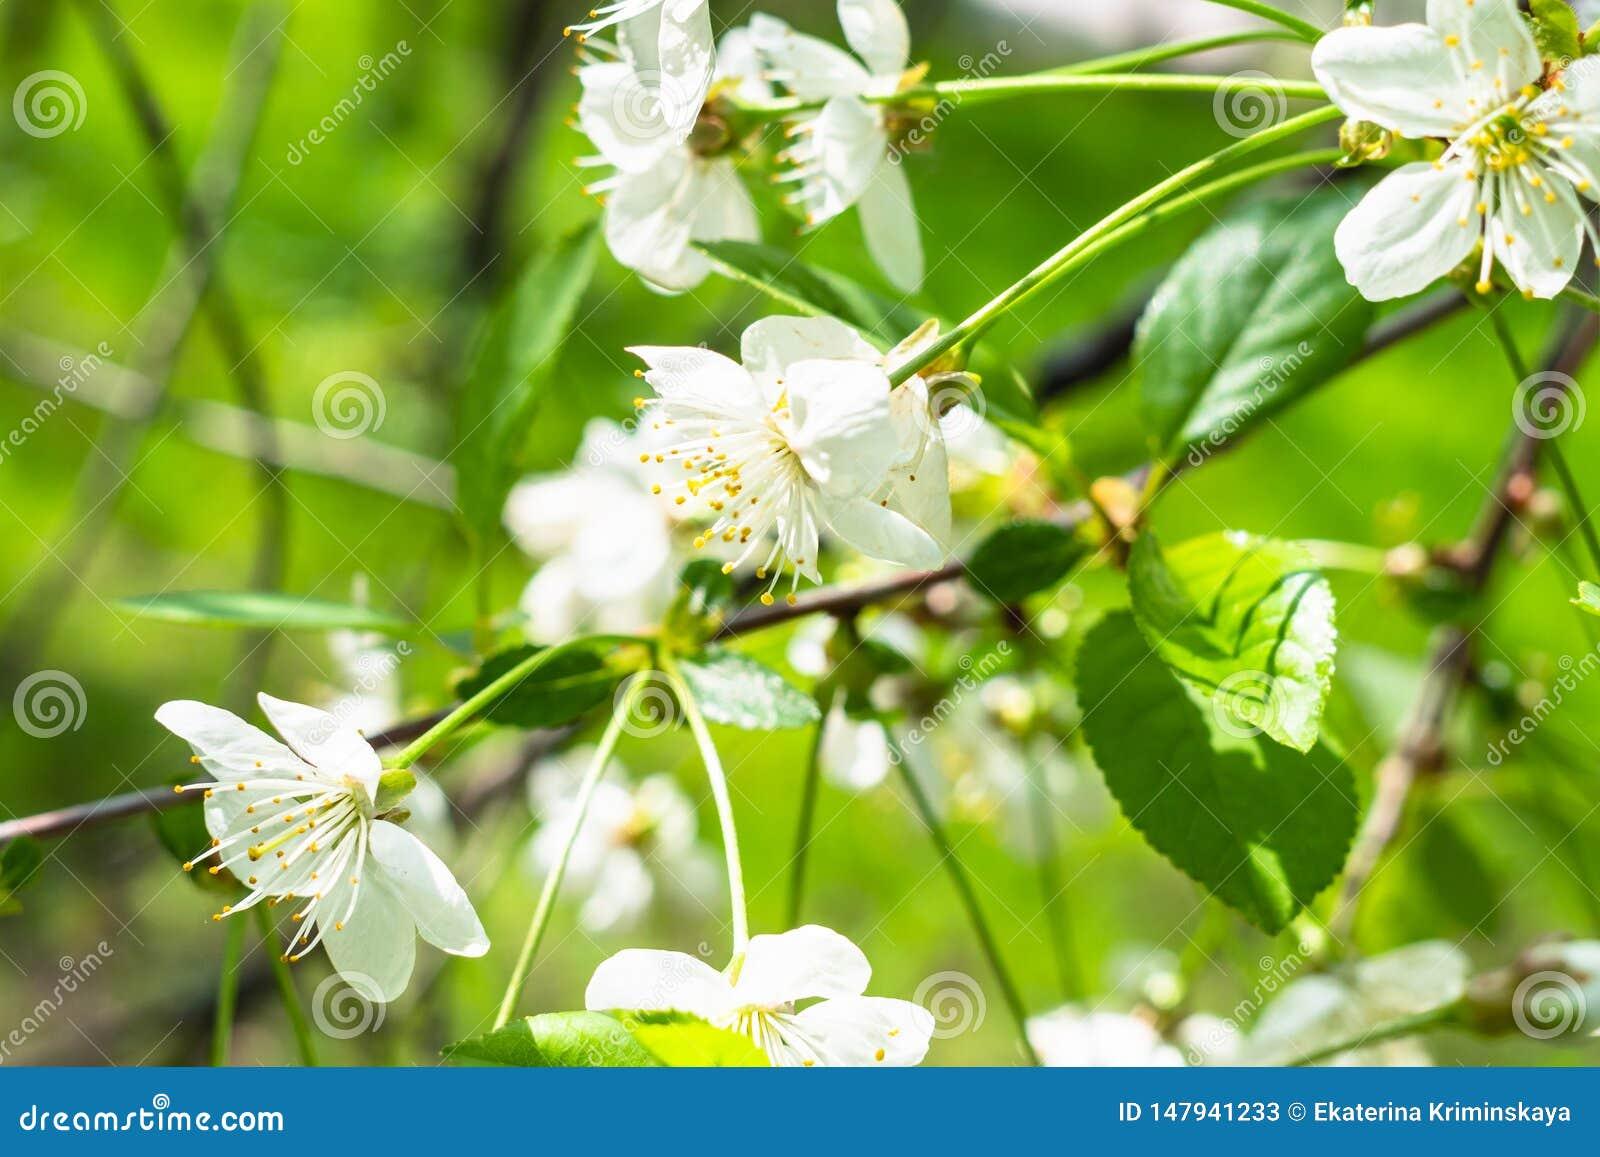 Белые цветения на хворостинах закрывают вверх в зеленом саде